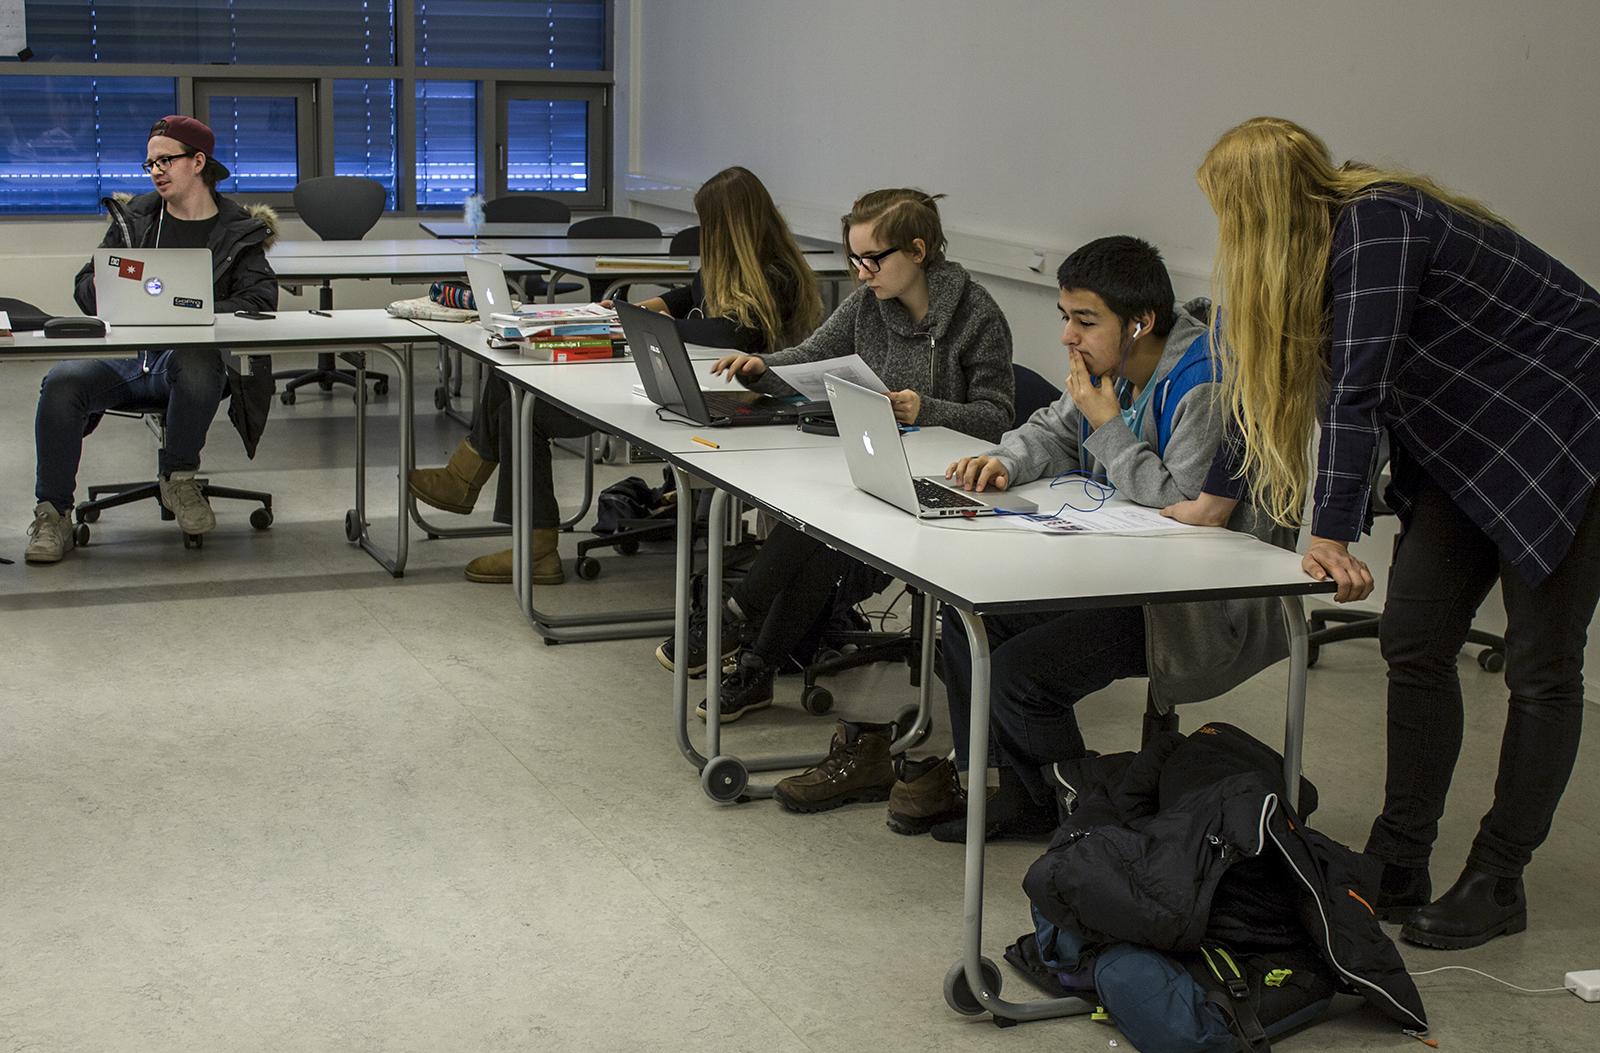 workshop indesign mksørumsand